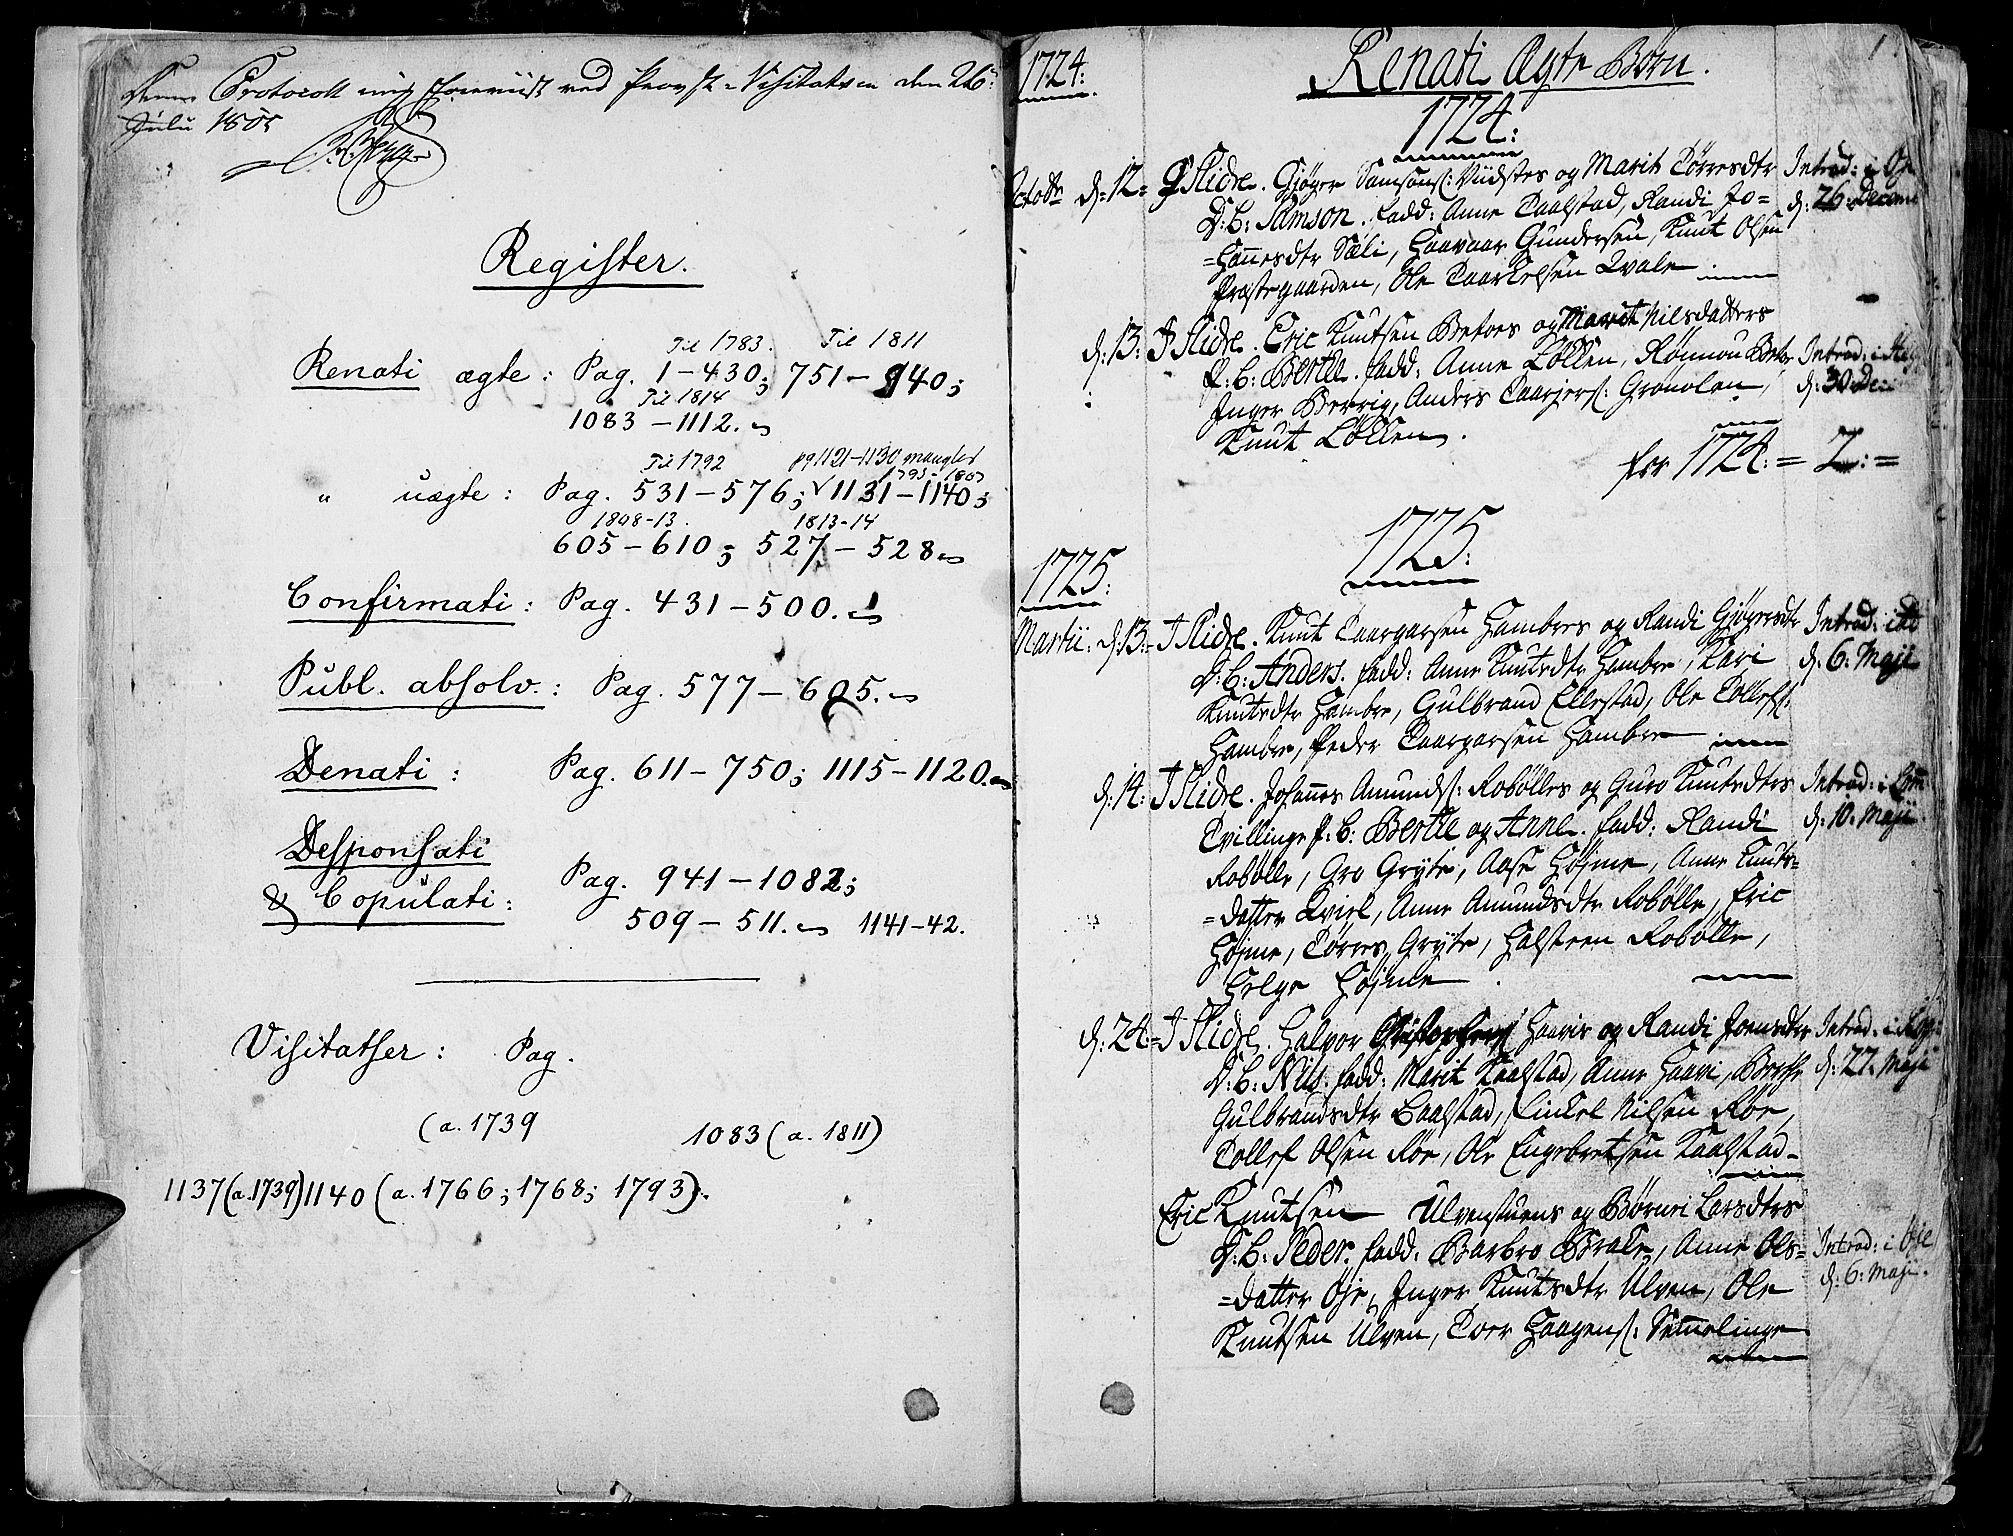 SAH, Slidre prestekontor, Ministerialbok nr. 1, 1724-1814, s. 0-1